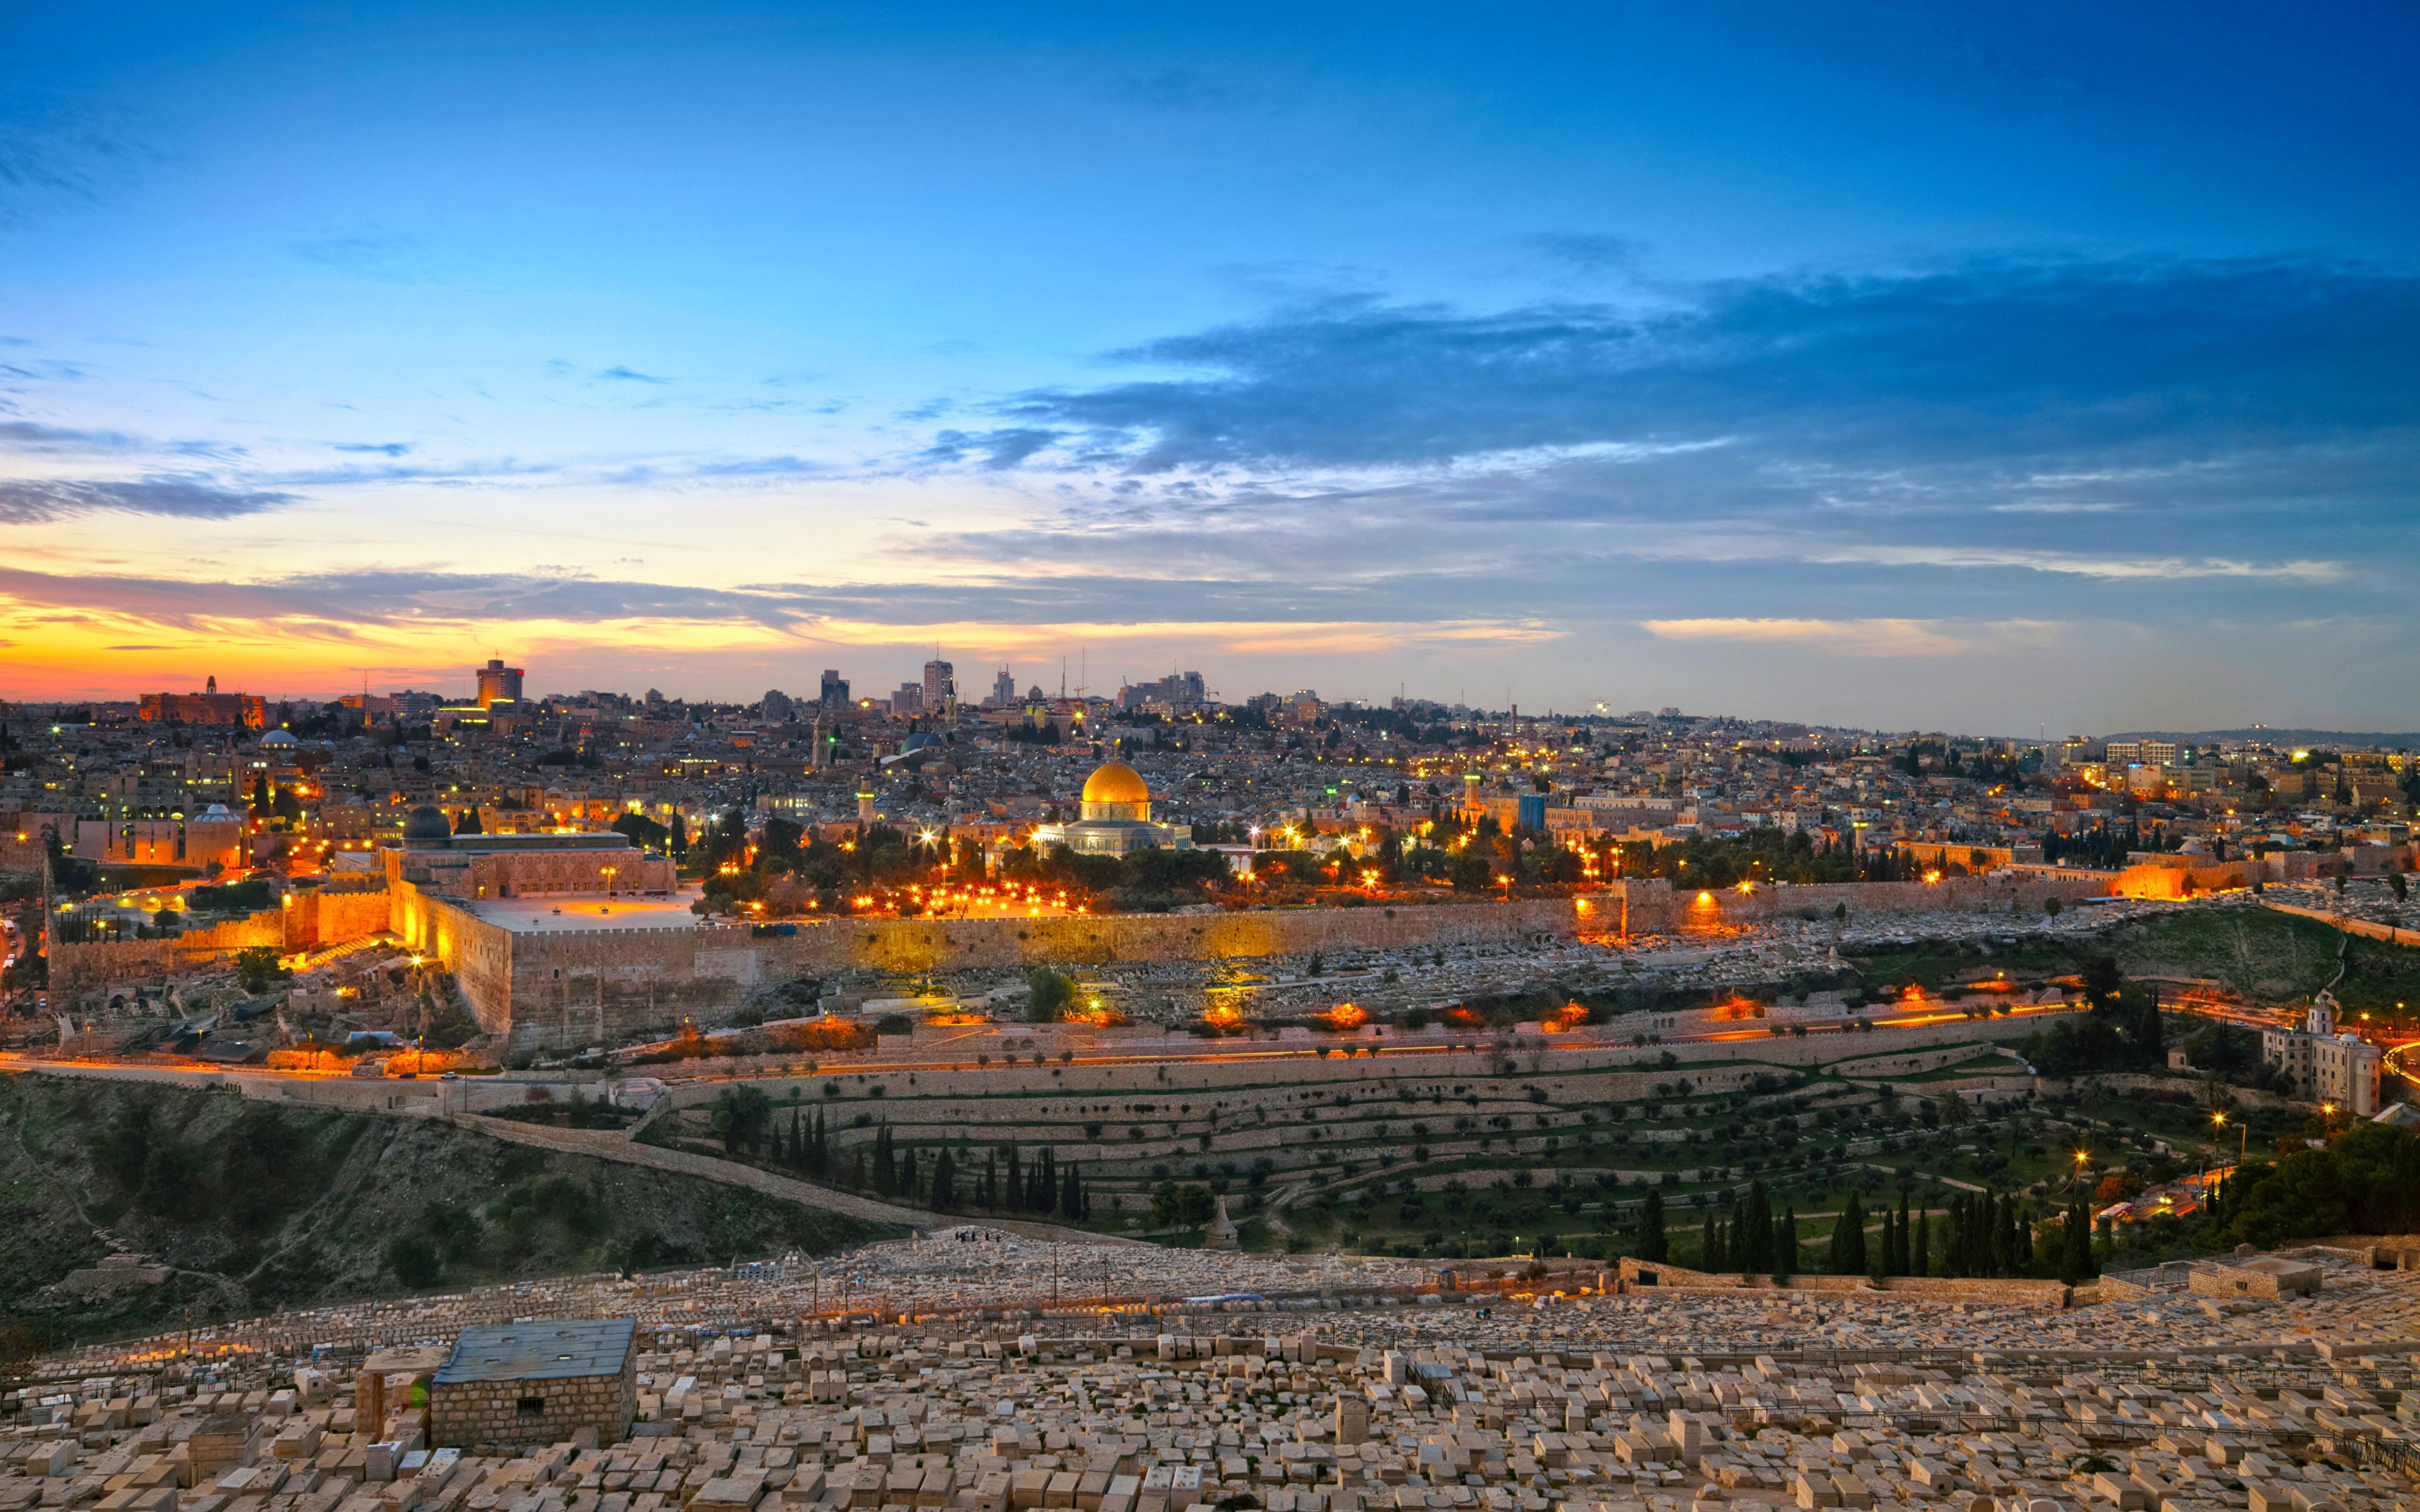 Wallpapers Israel Jerusalem HDRI Sky night time Cities 3840x2400 3840x2400